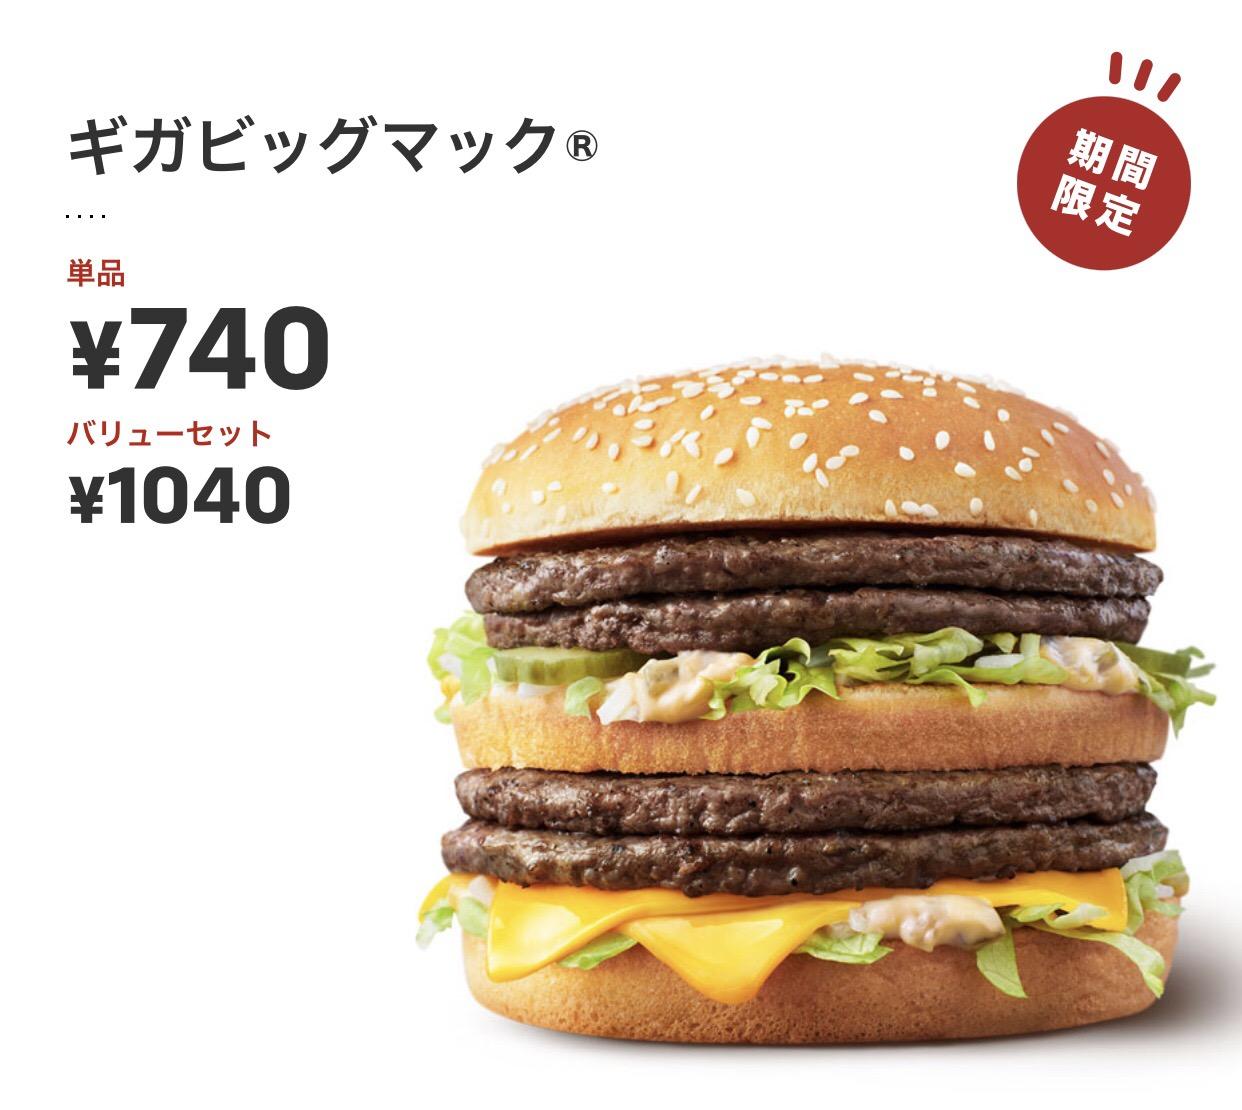 【画像】マクドナルドさん、1個740円のハンバーガーを販売してしまうwwwwwwwwwwwwwwwwwwwwwwwwwww